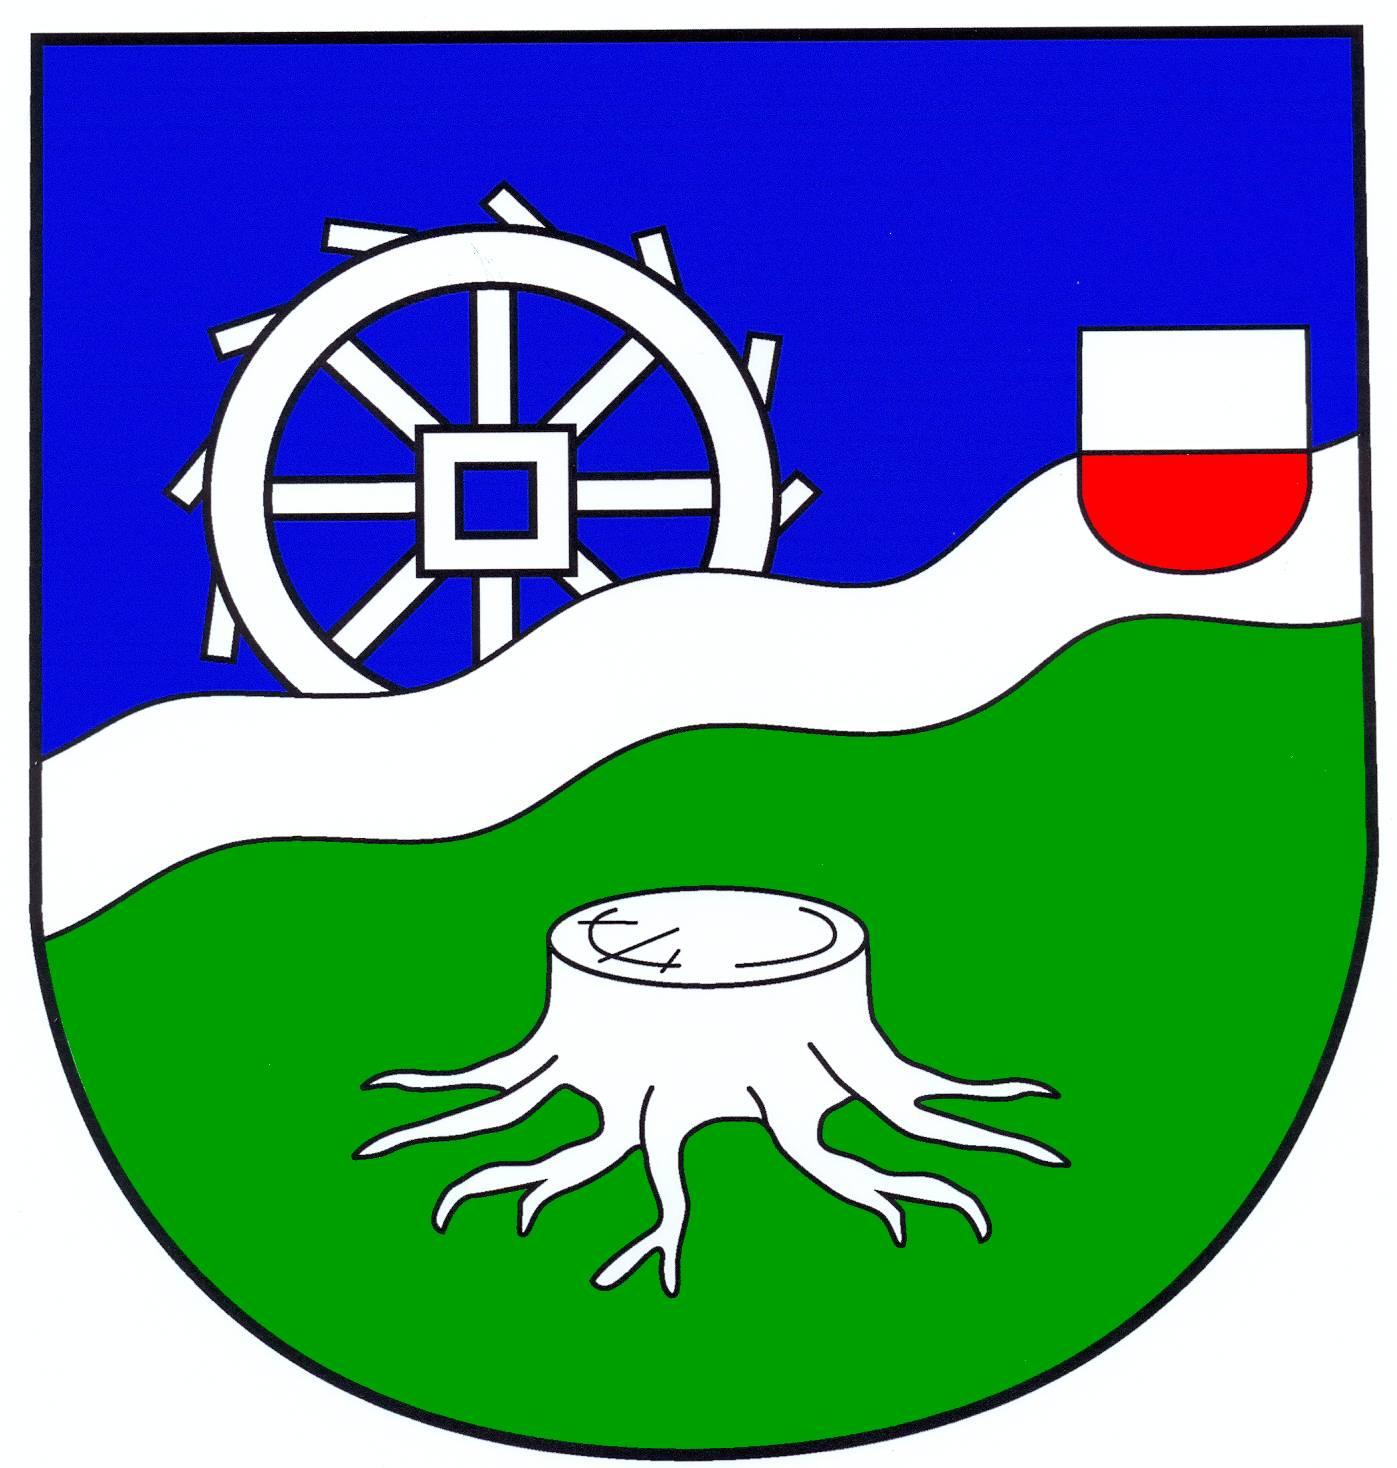 Wappen GemeindeSierksrade, Kreis Herzogtum Lauenburg